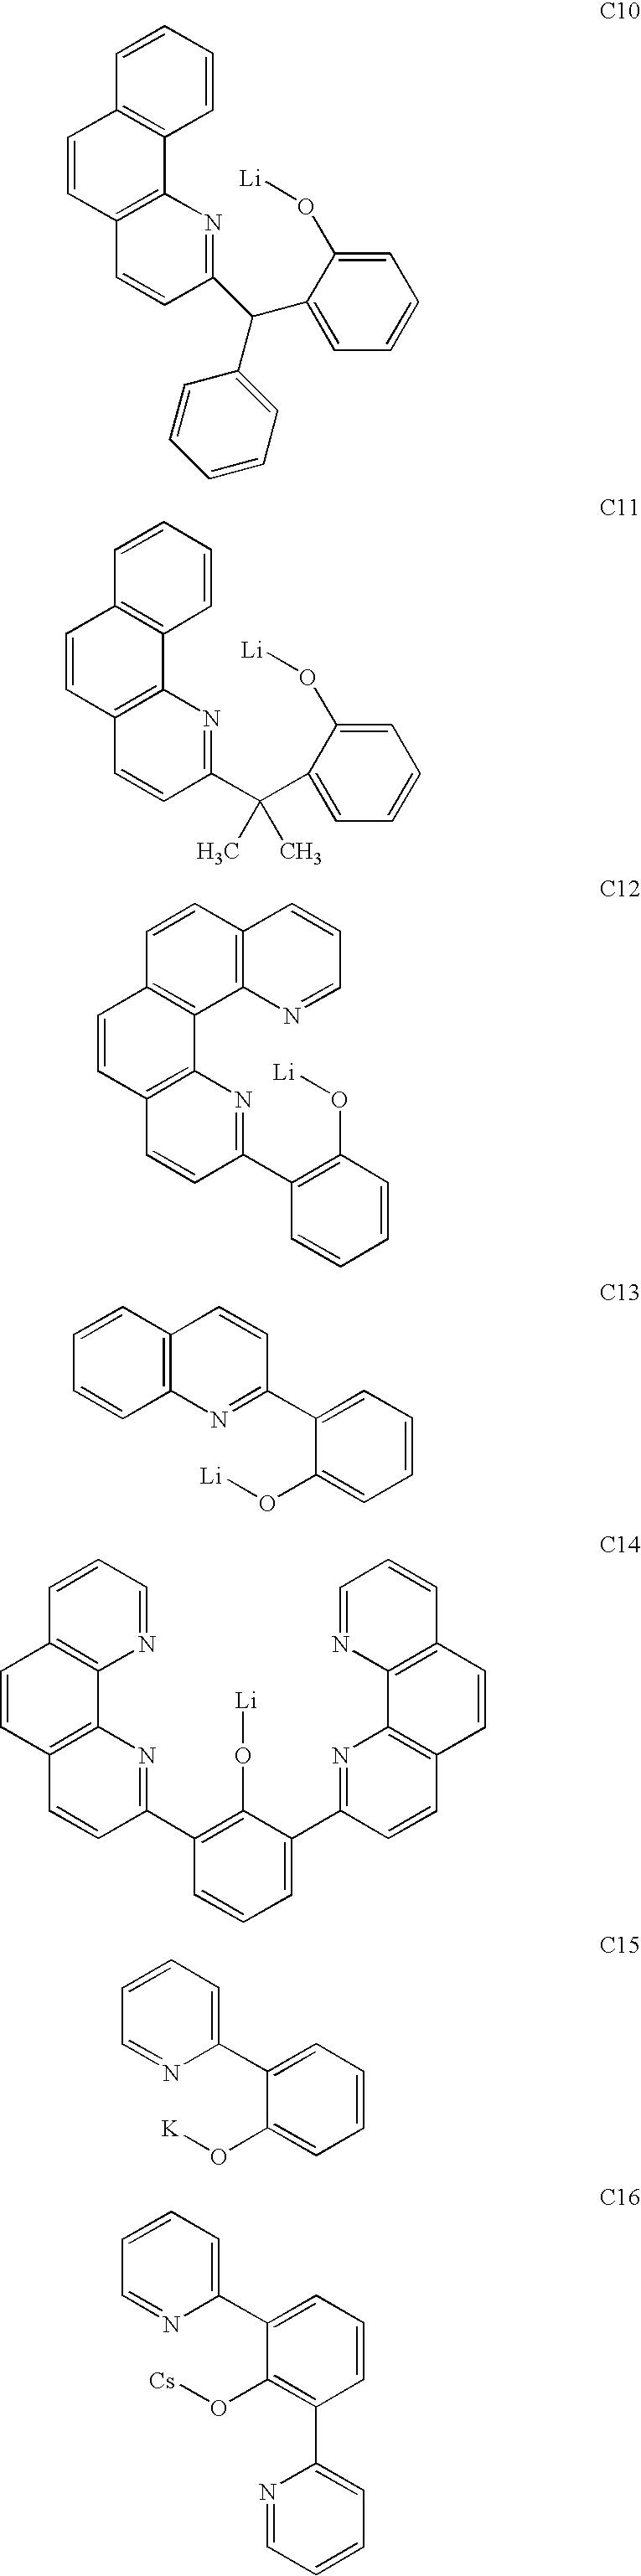 Figure US07955719-20110607-C00003